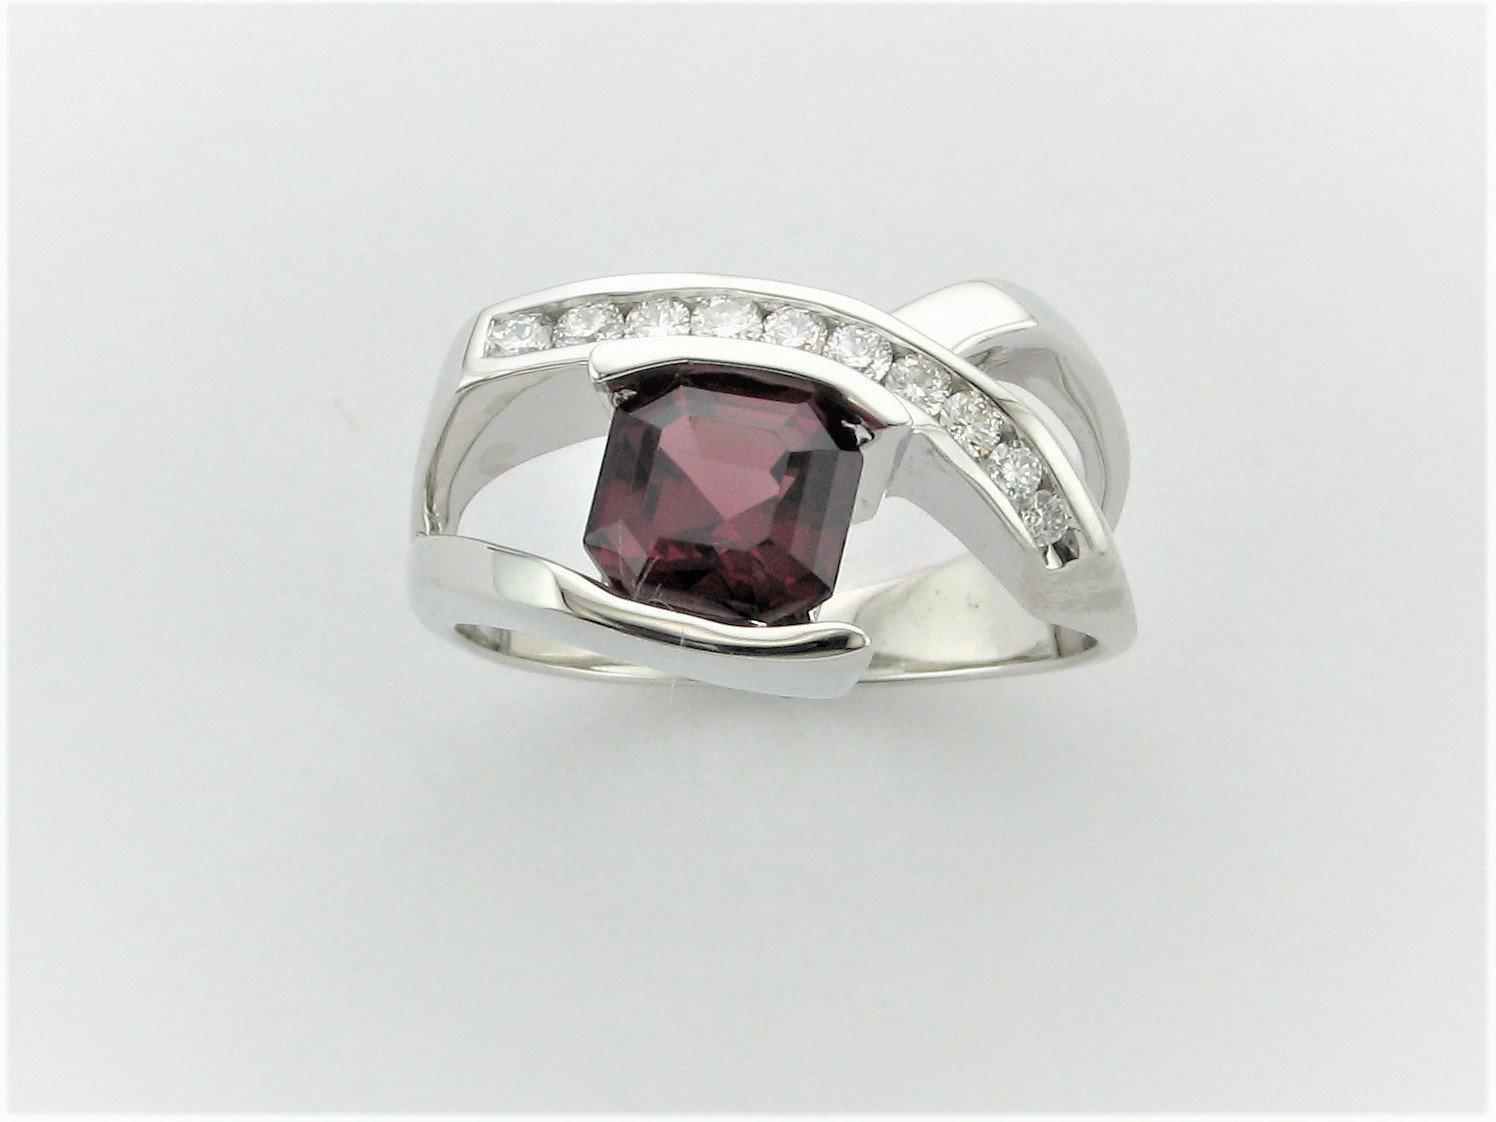 2.08 Asher Cut Umbalite Garnet and Diamond Ring Set in 14 Karat White Gold